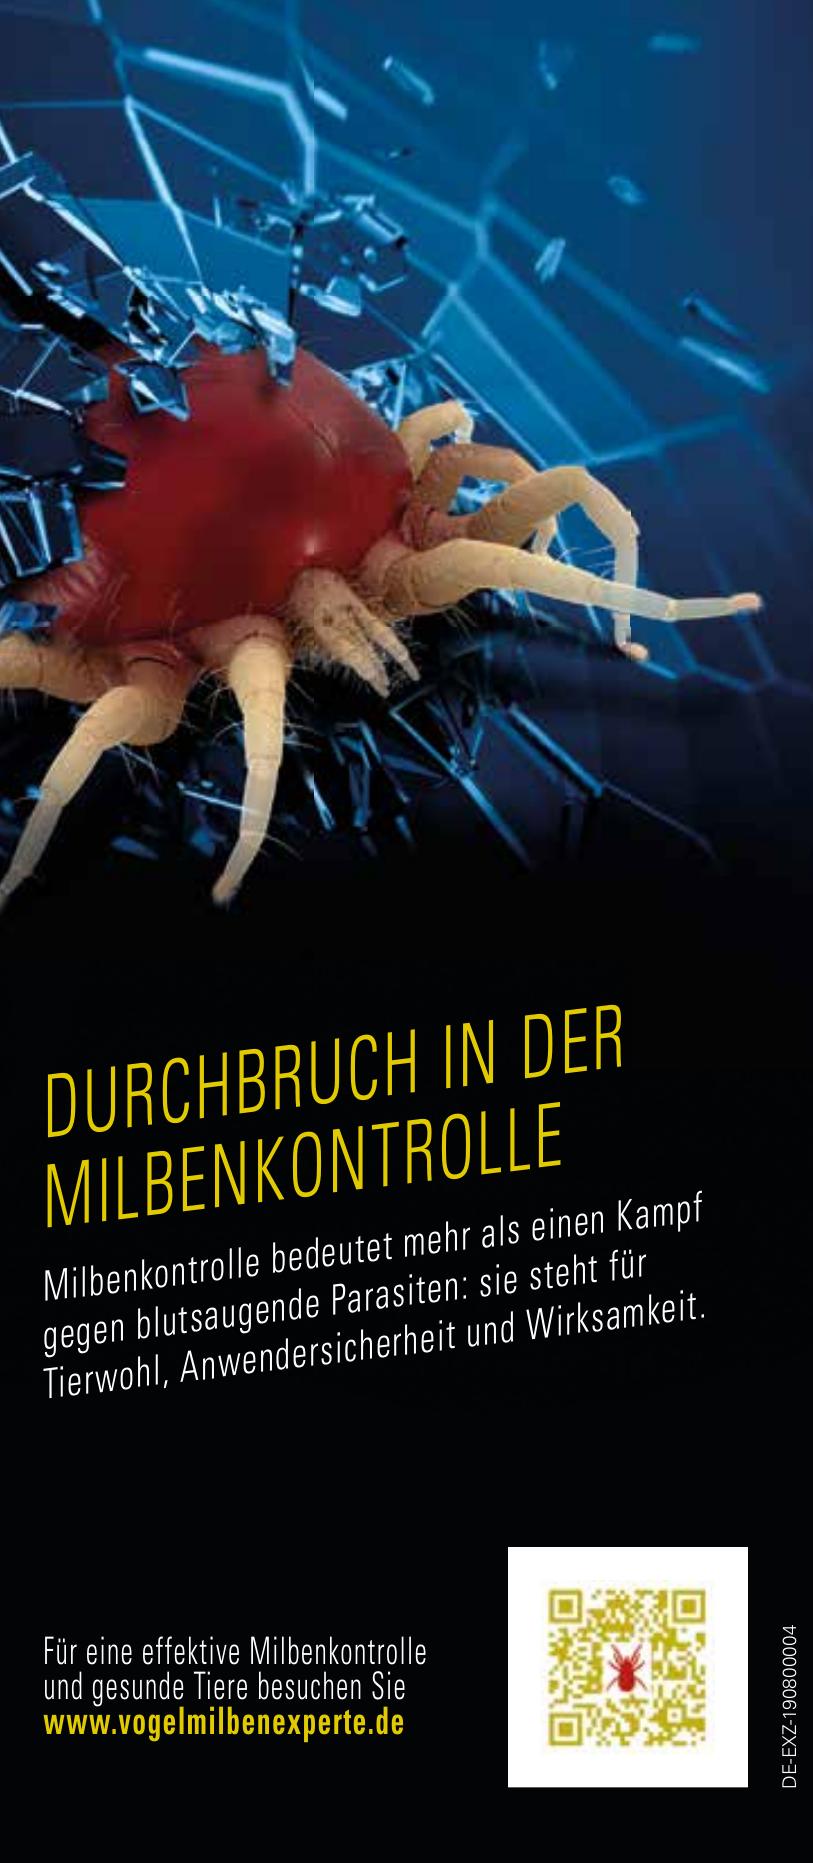 Intervet Deutschland GmbH – ein Unternehmen der MSD Tiergesundheit